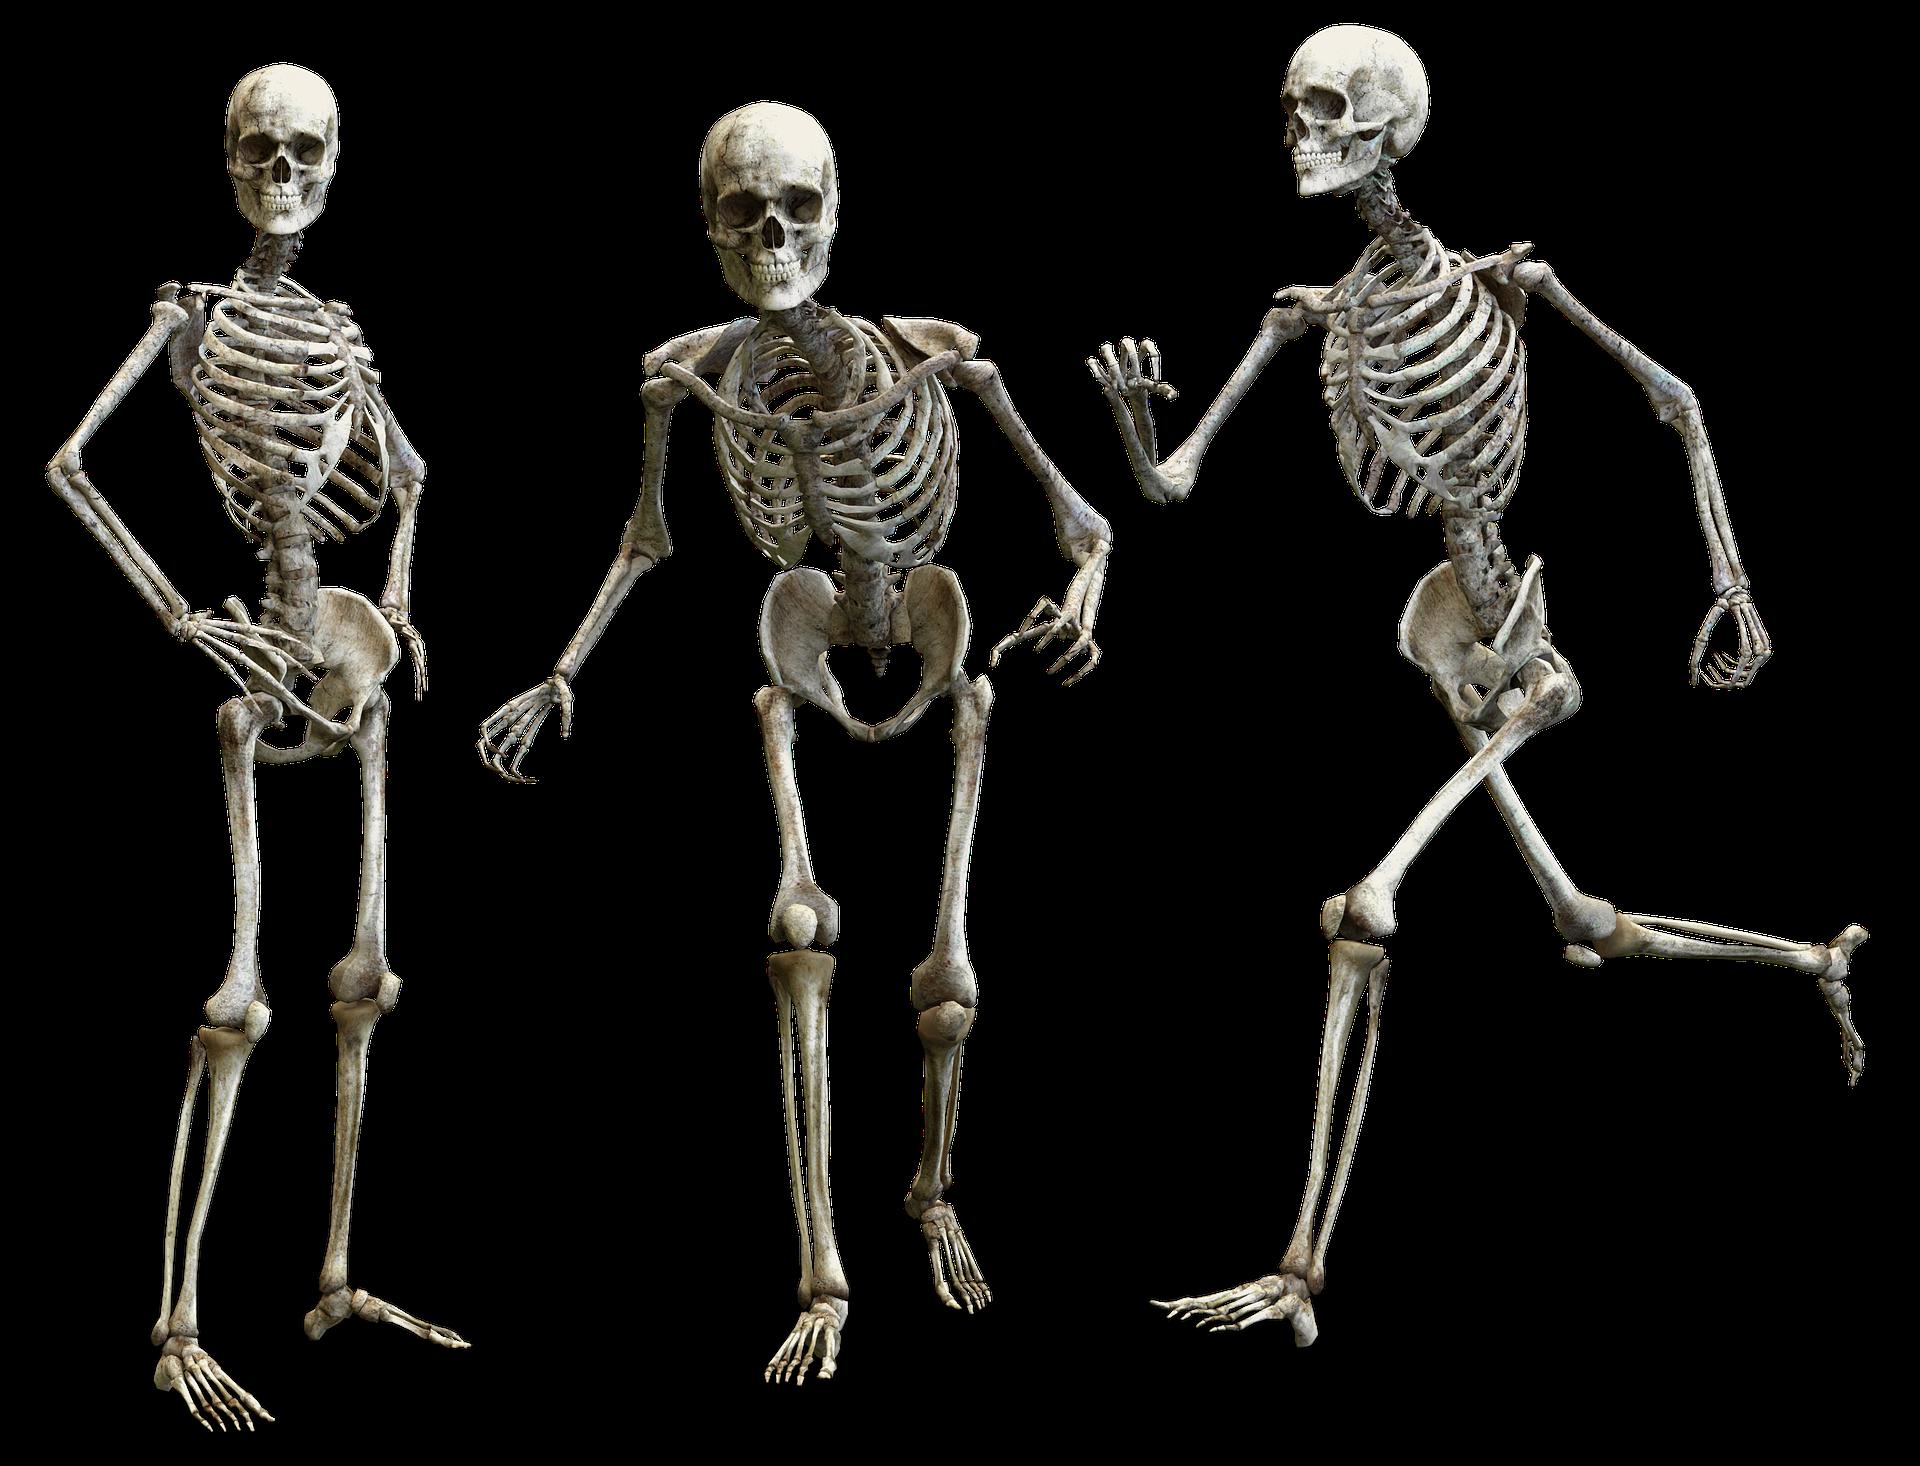 התעמלות בונה עצם – למה זה כדאי?